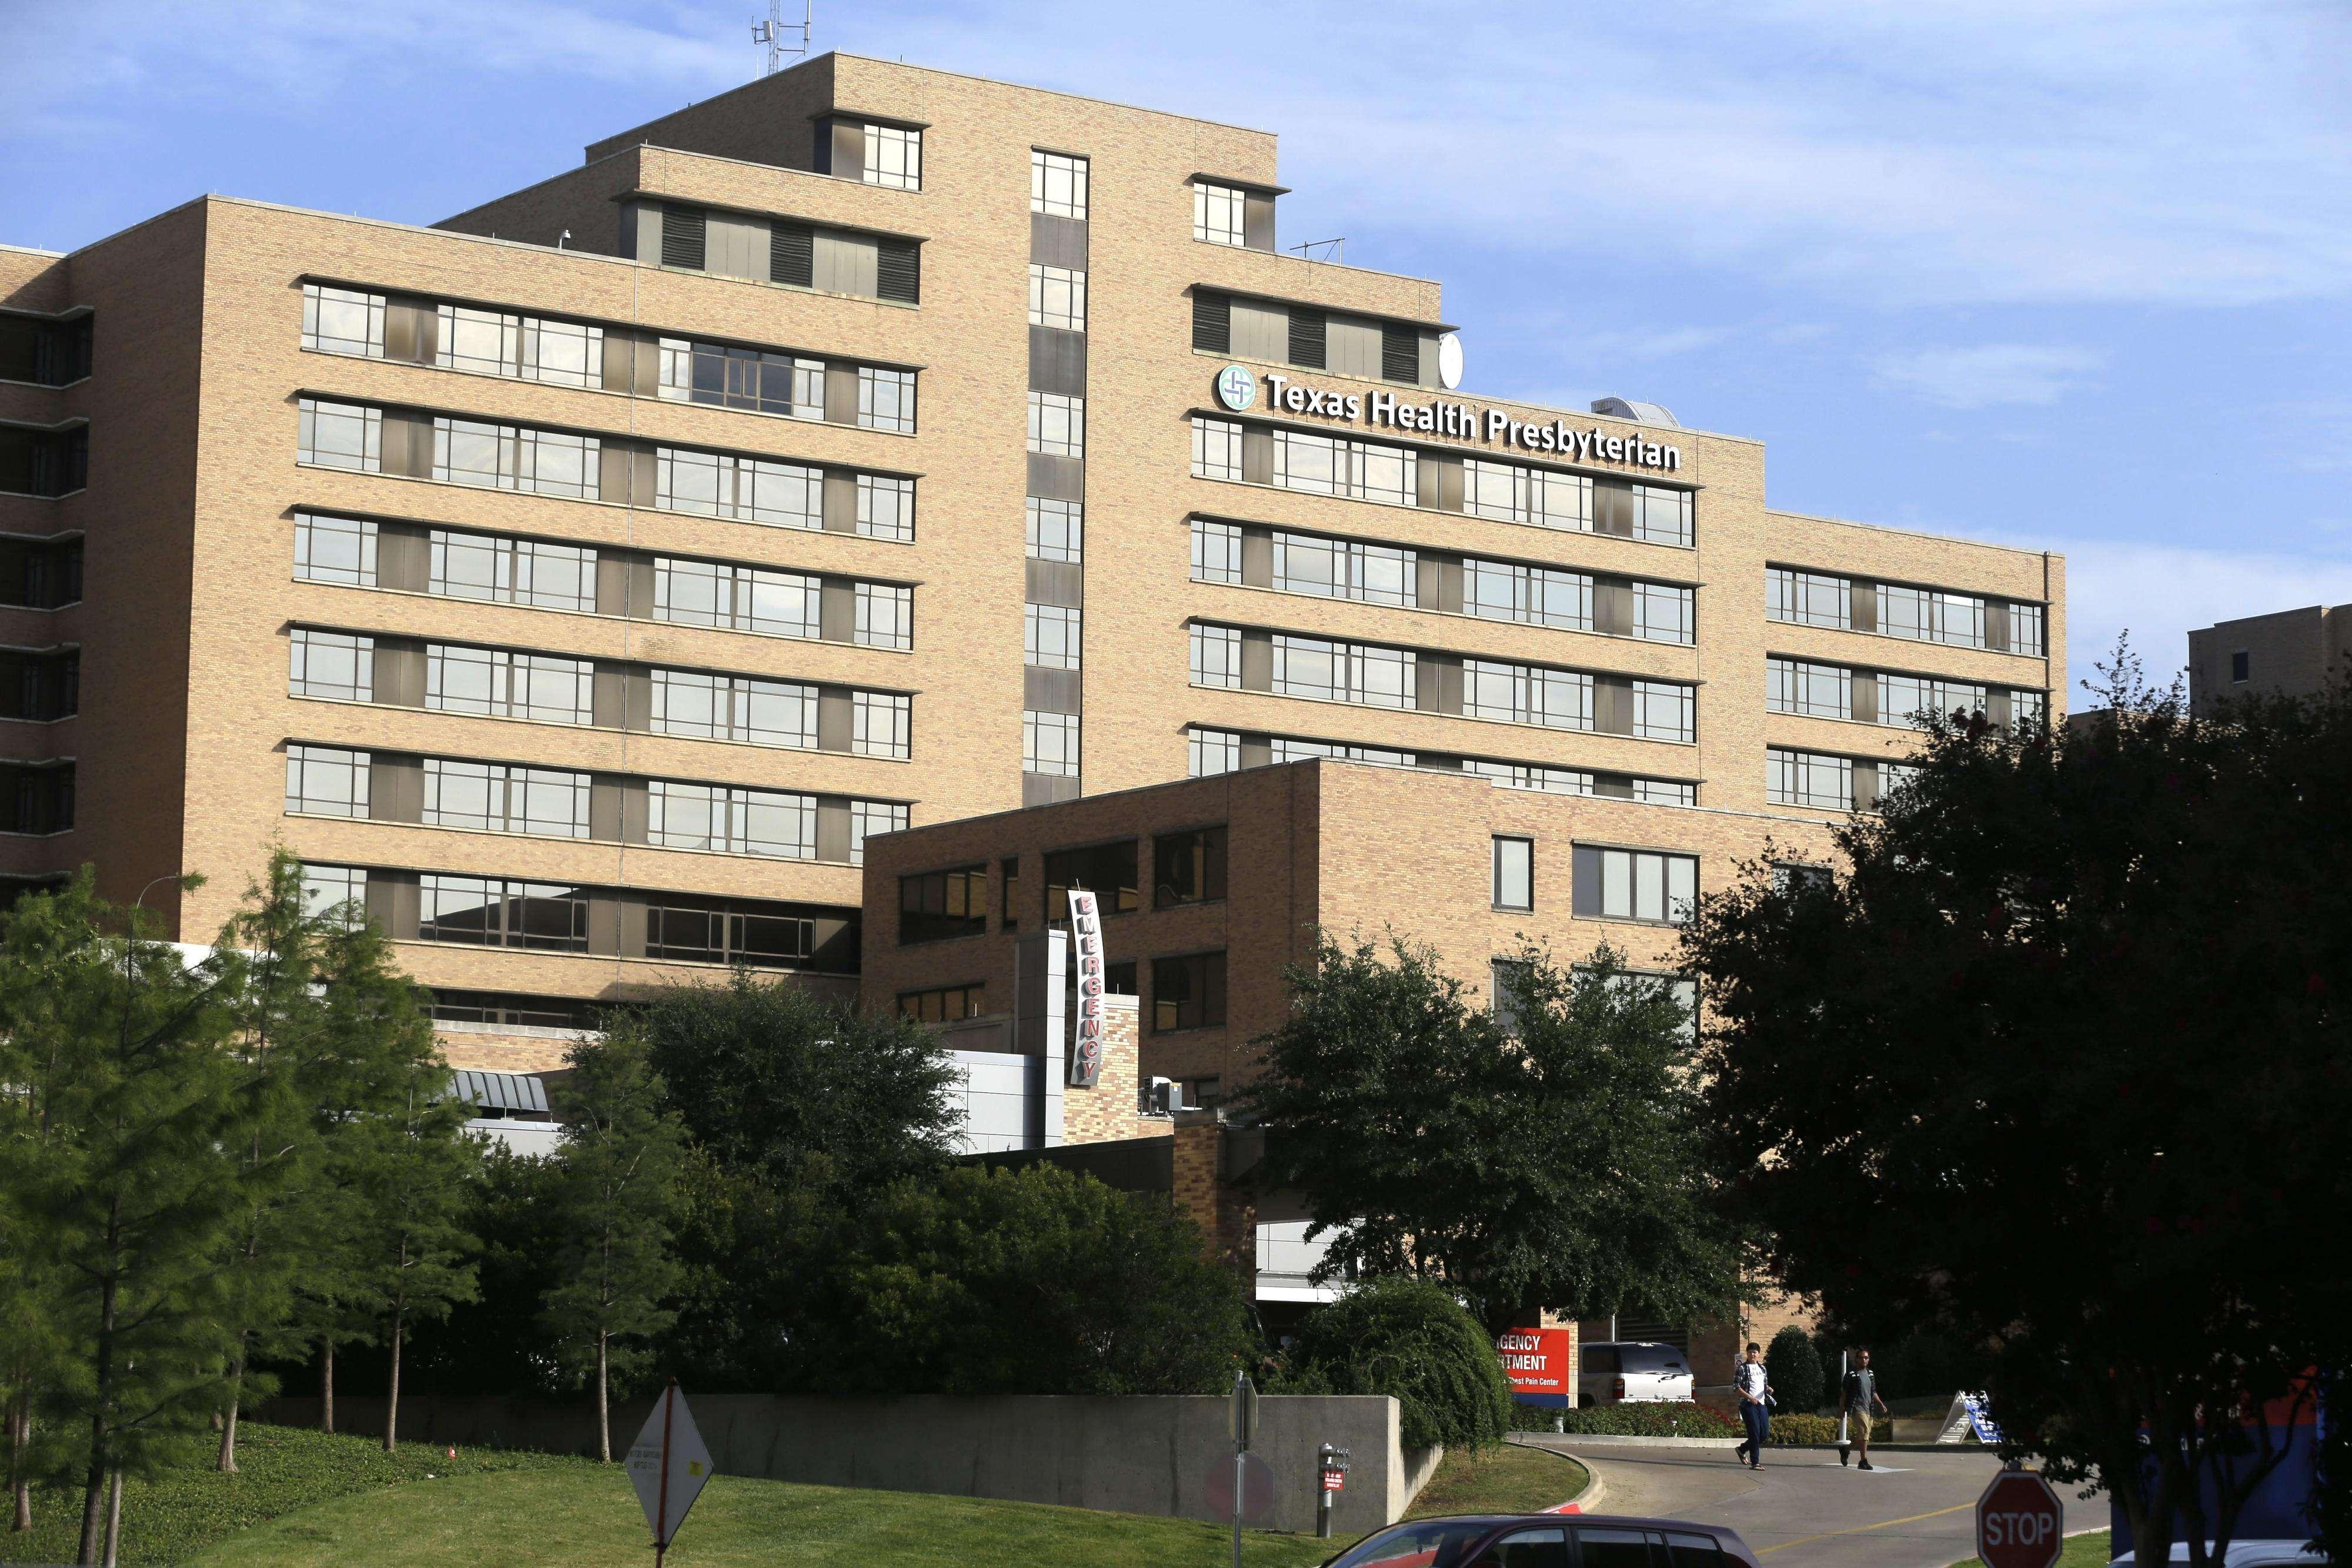 Vista del Hospital Texas Health Presbyterian, donde el paciente recibe tratamiento. Foto: AP en español